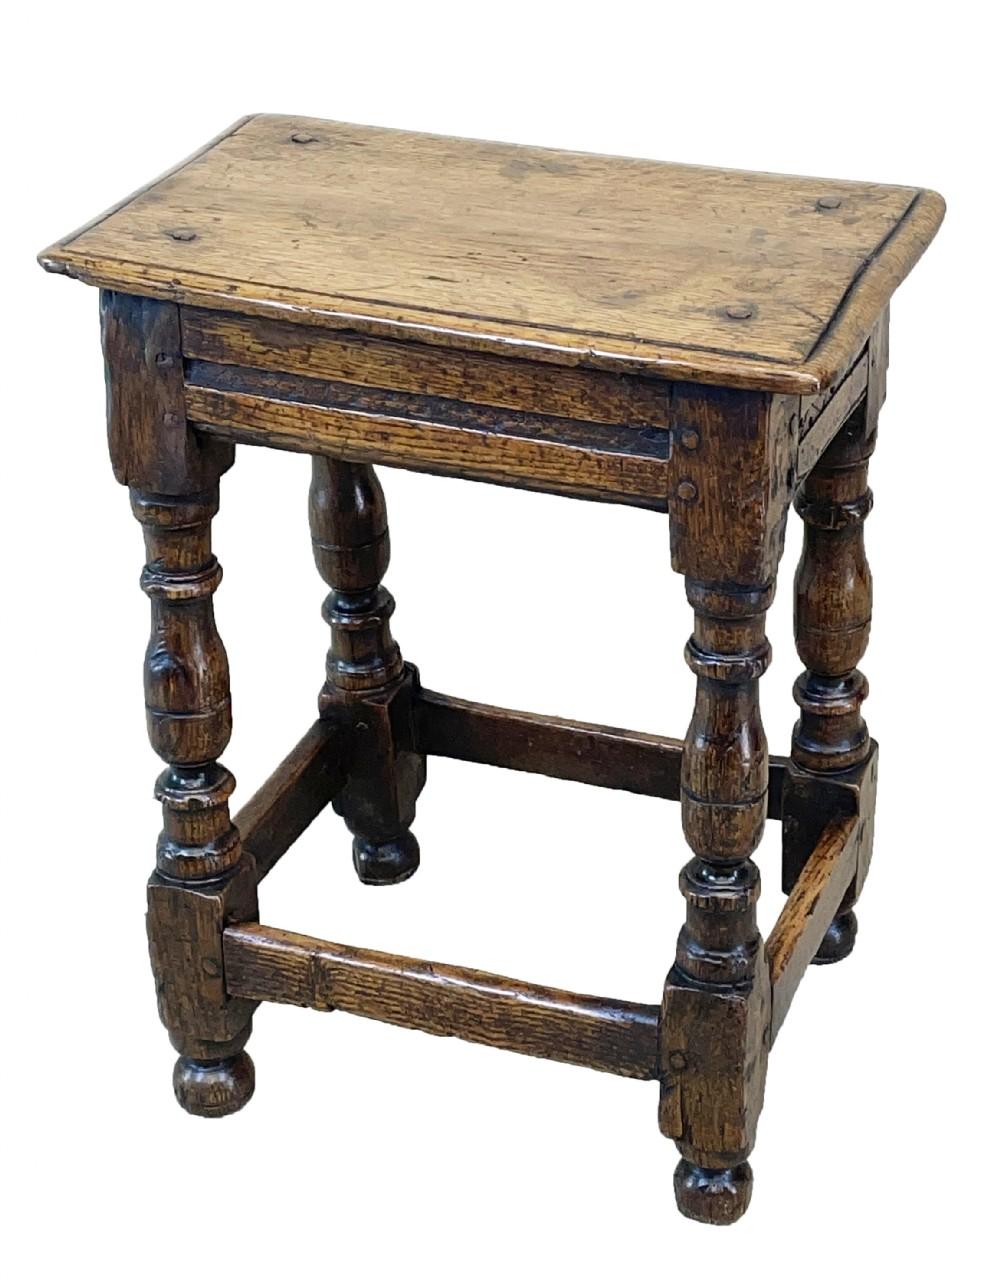 17th century oak joint stool